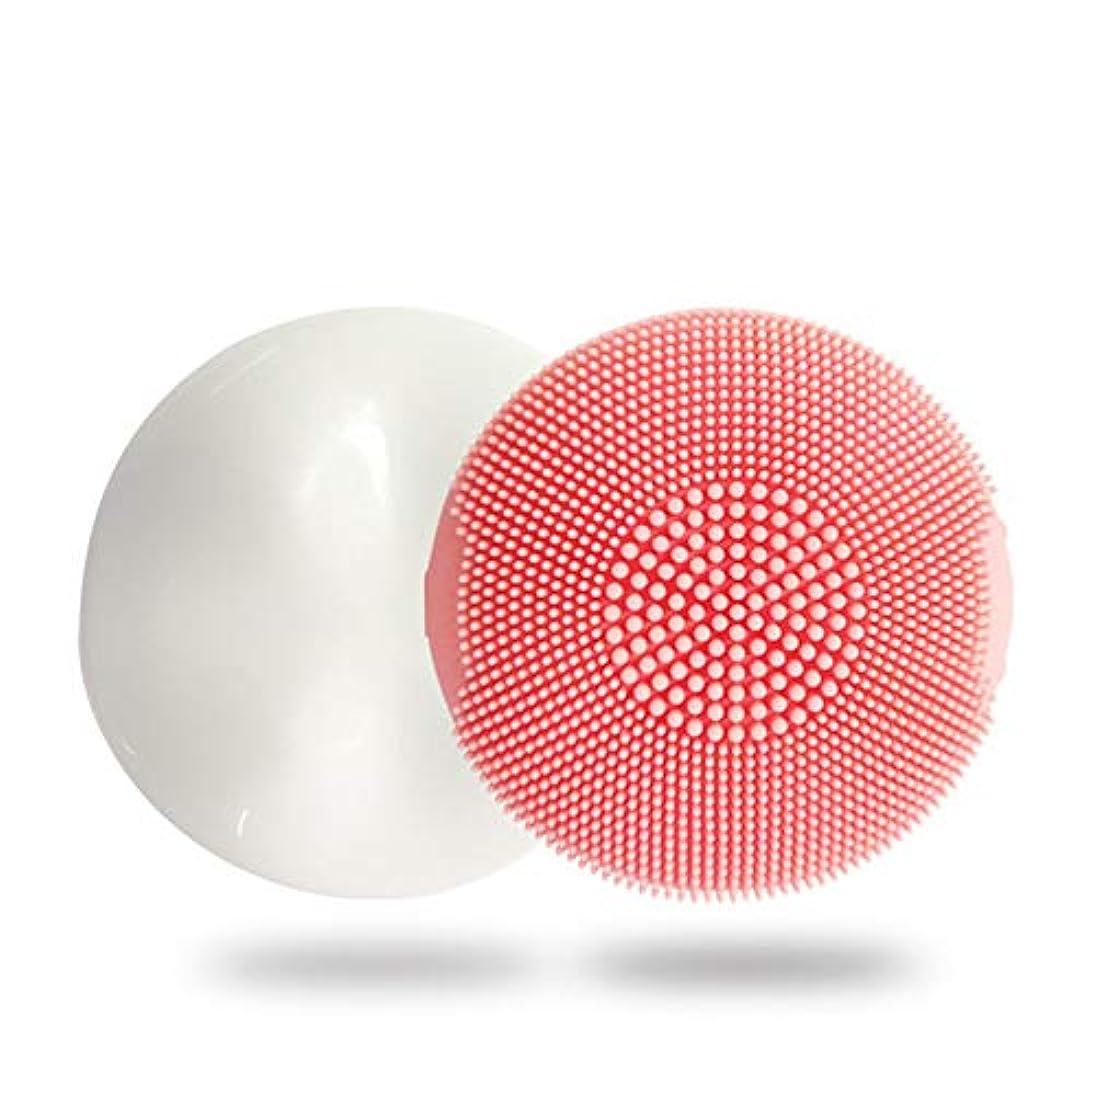 ぐったりセラー不忠ZXF 新電動シリコーンクレンジングブラシディープクリーニングポア防水超音波振動クレンジング楽器マッサージ器具美容器具 滑らかである (色 : Pink)